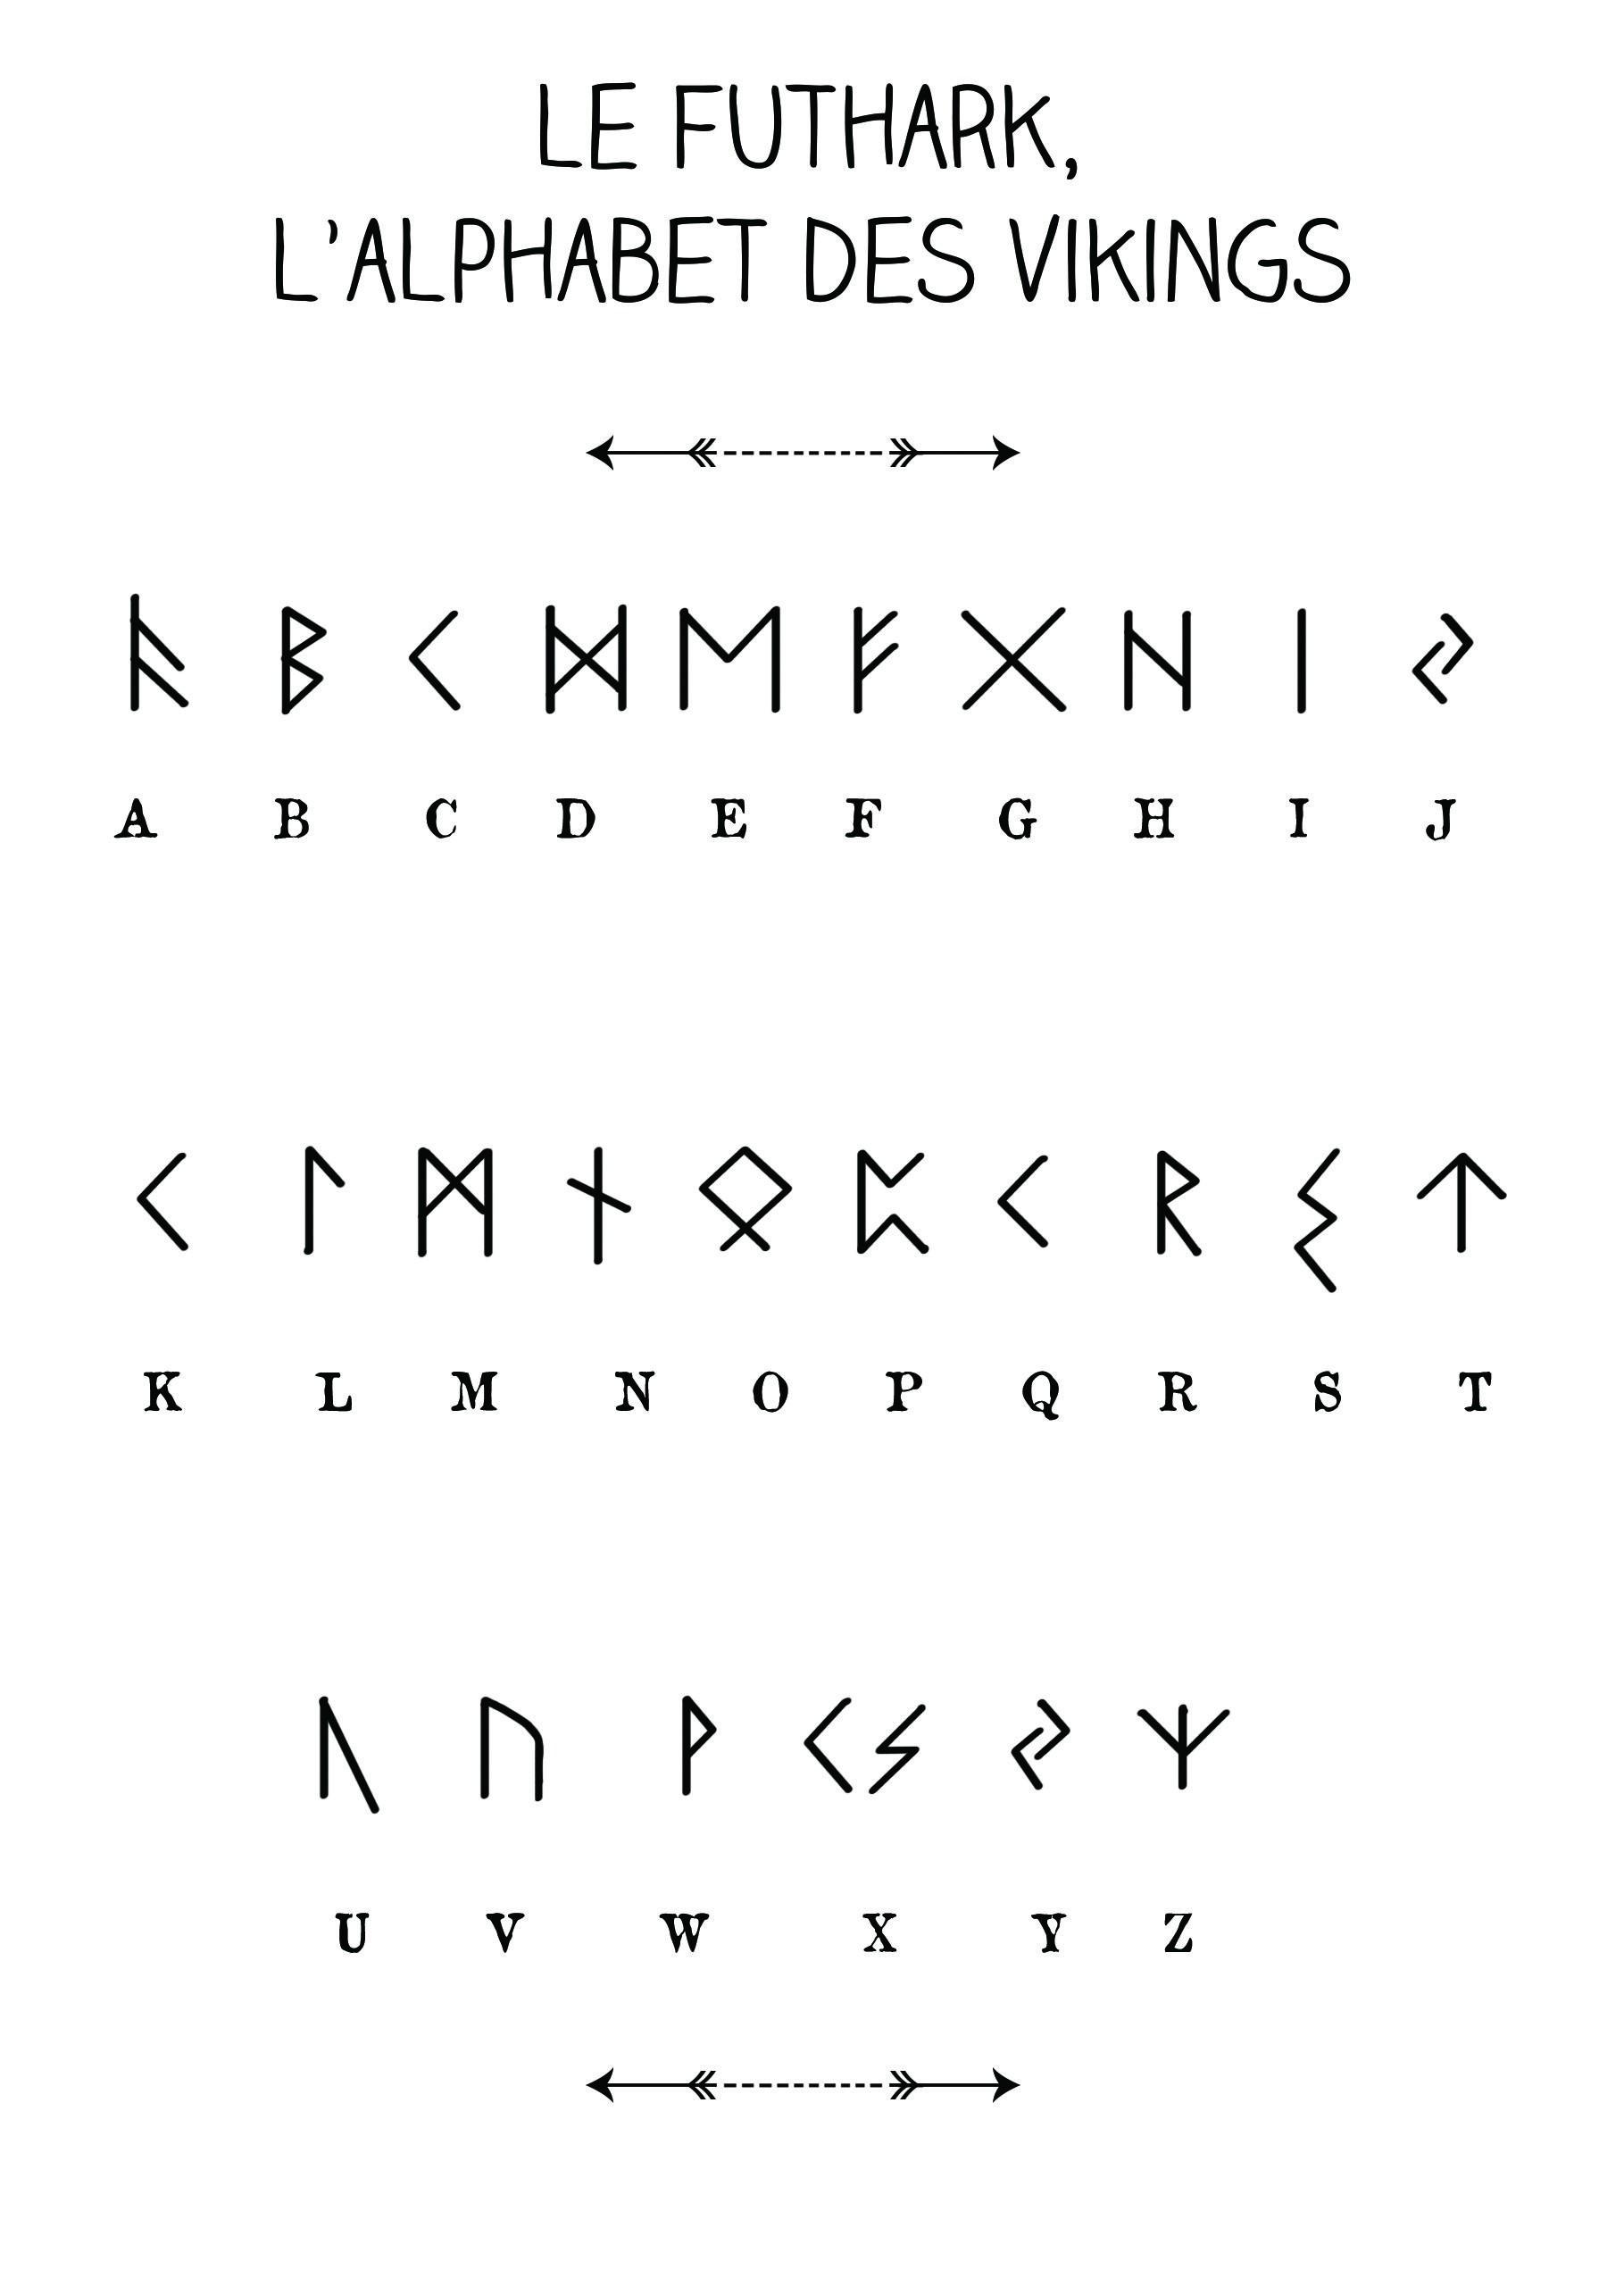 Le Futhark l alphabet des vikings par l atelier imaginaire